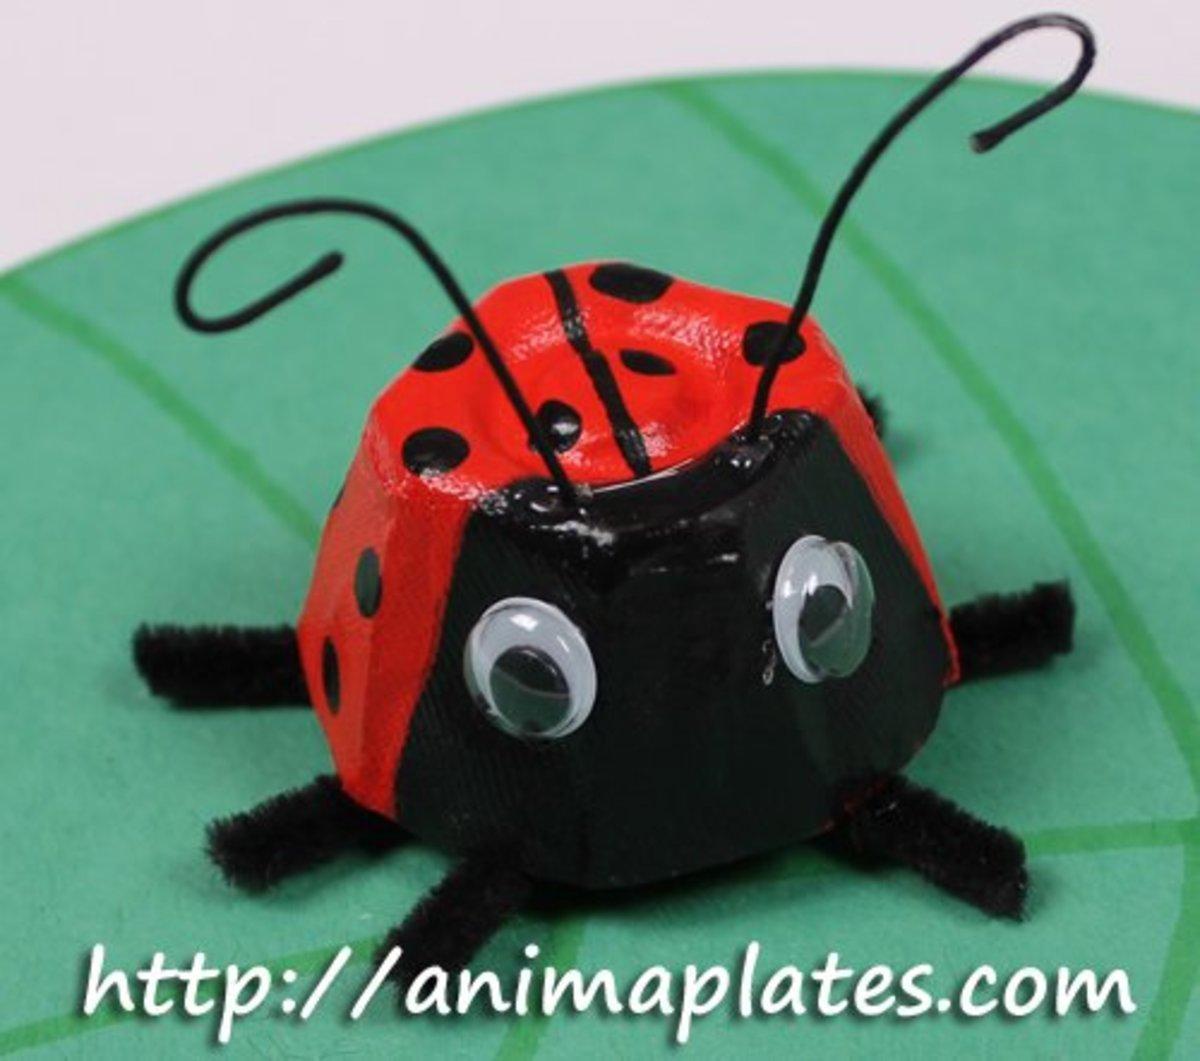 How to Make a Ladybug Craft With Egg Cartons